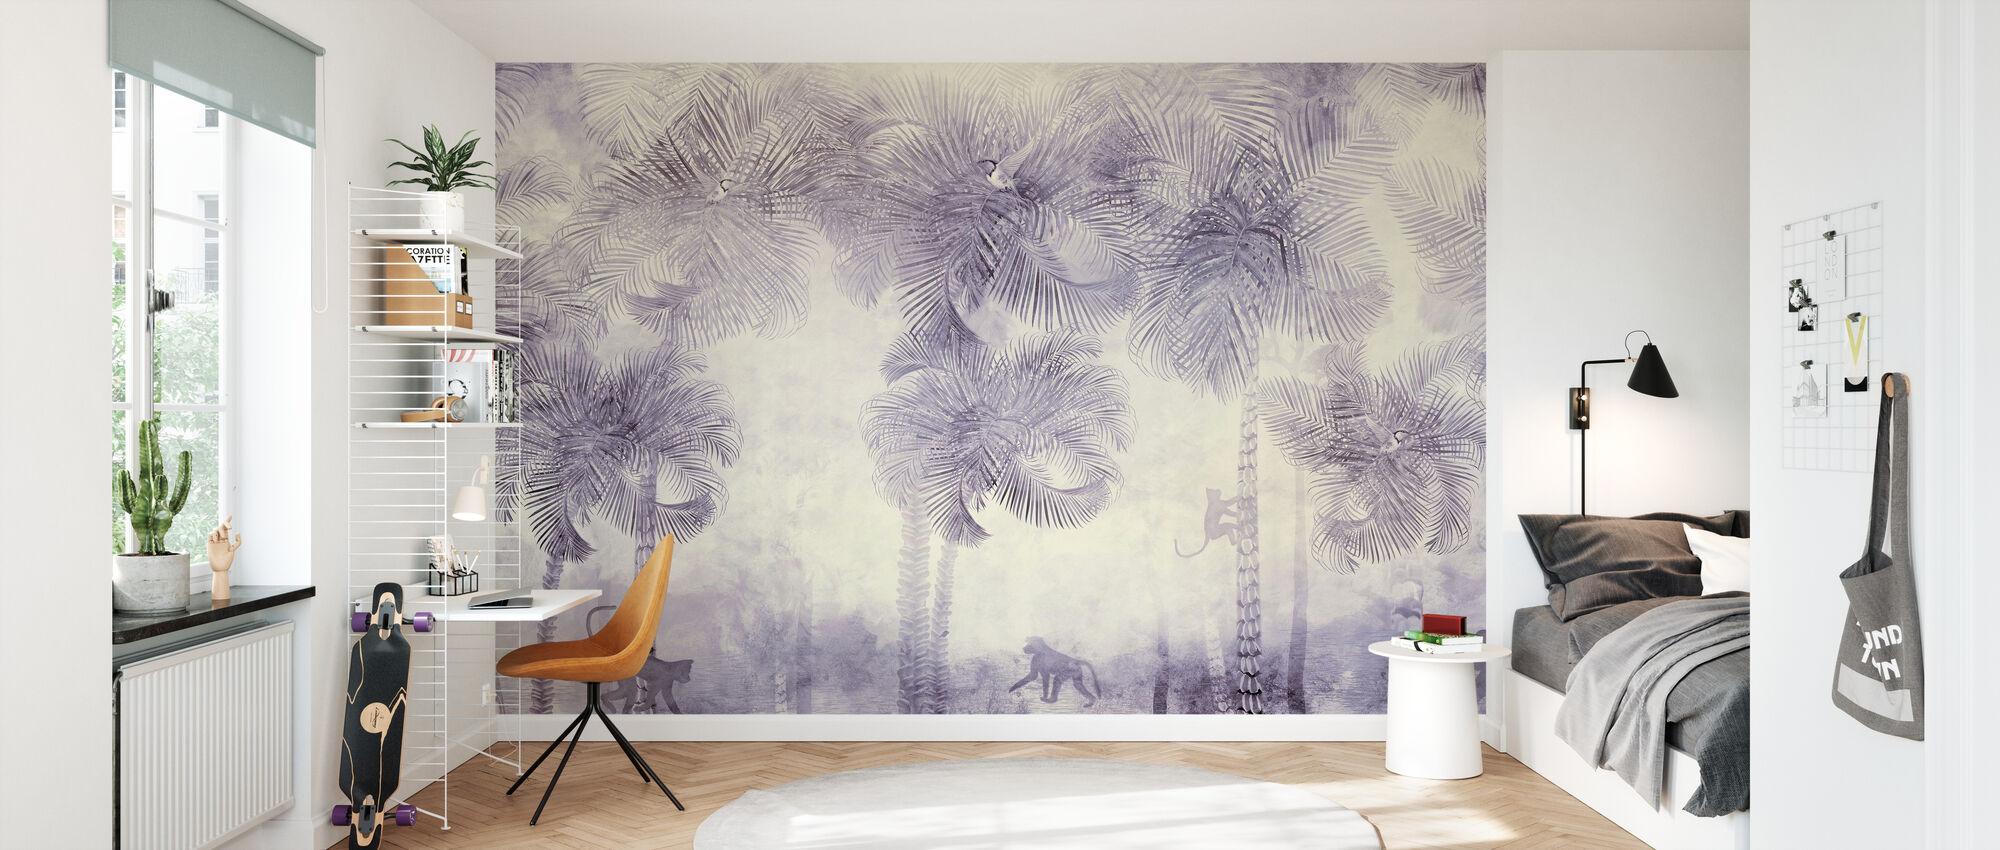 Monkeys Residence VIII - Wallpaper - Kids Room